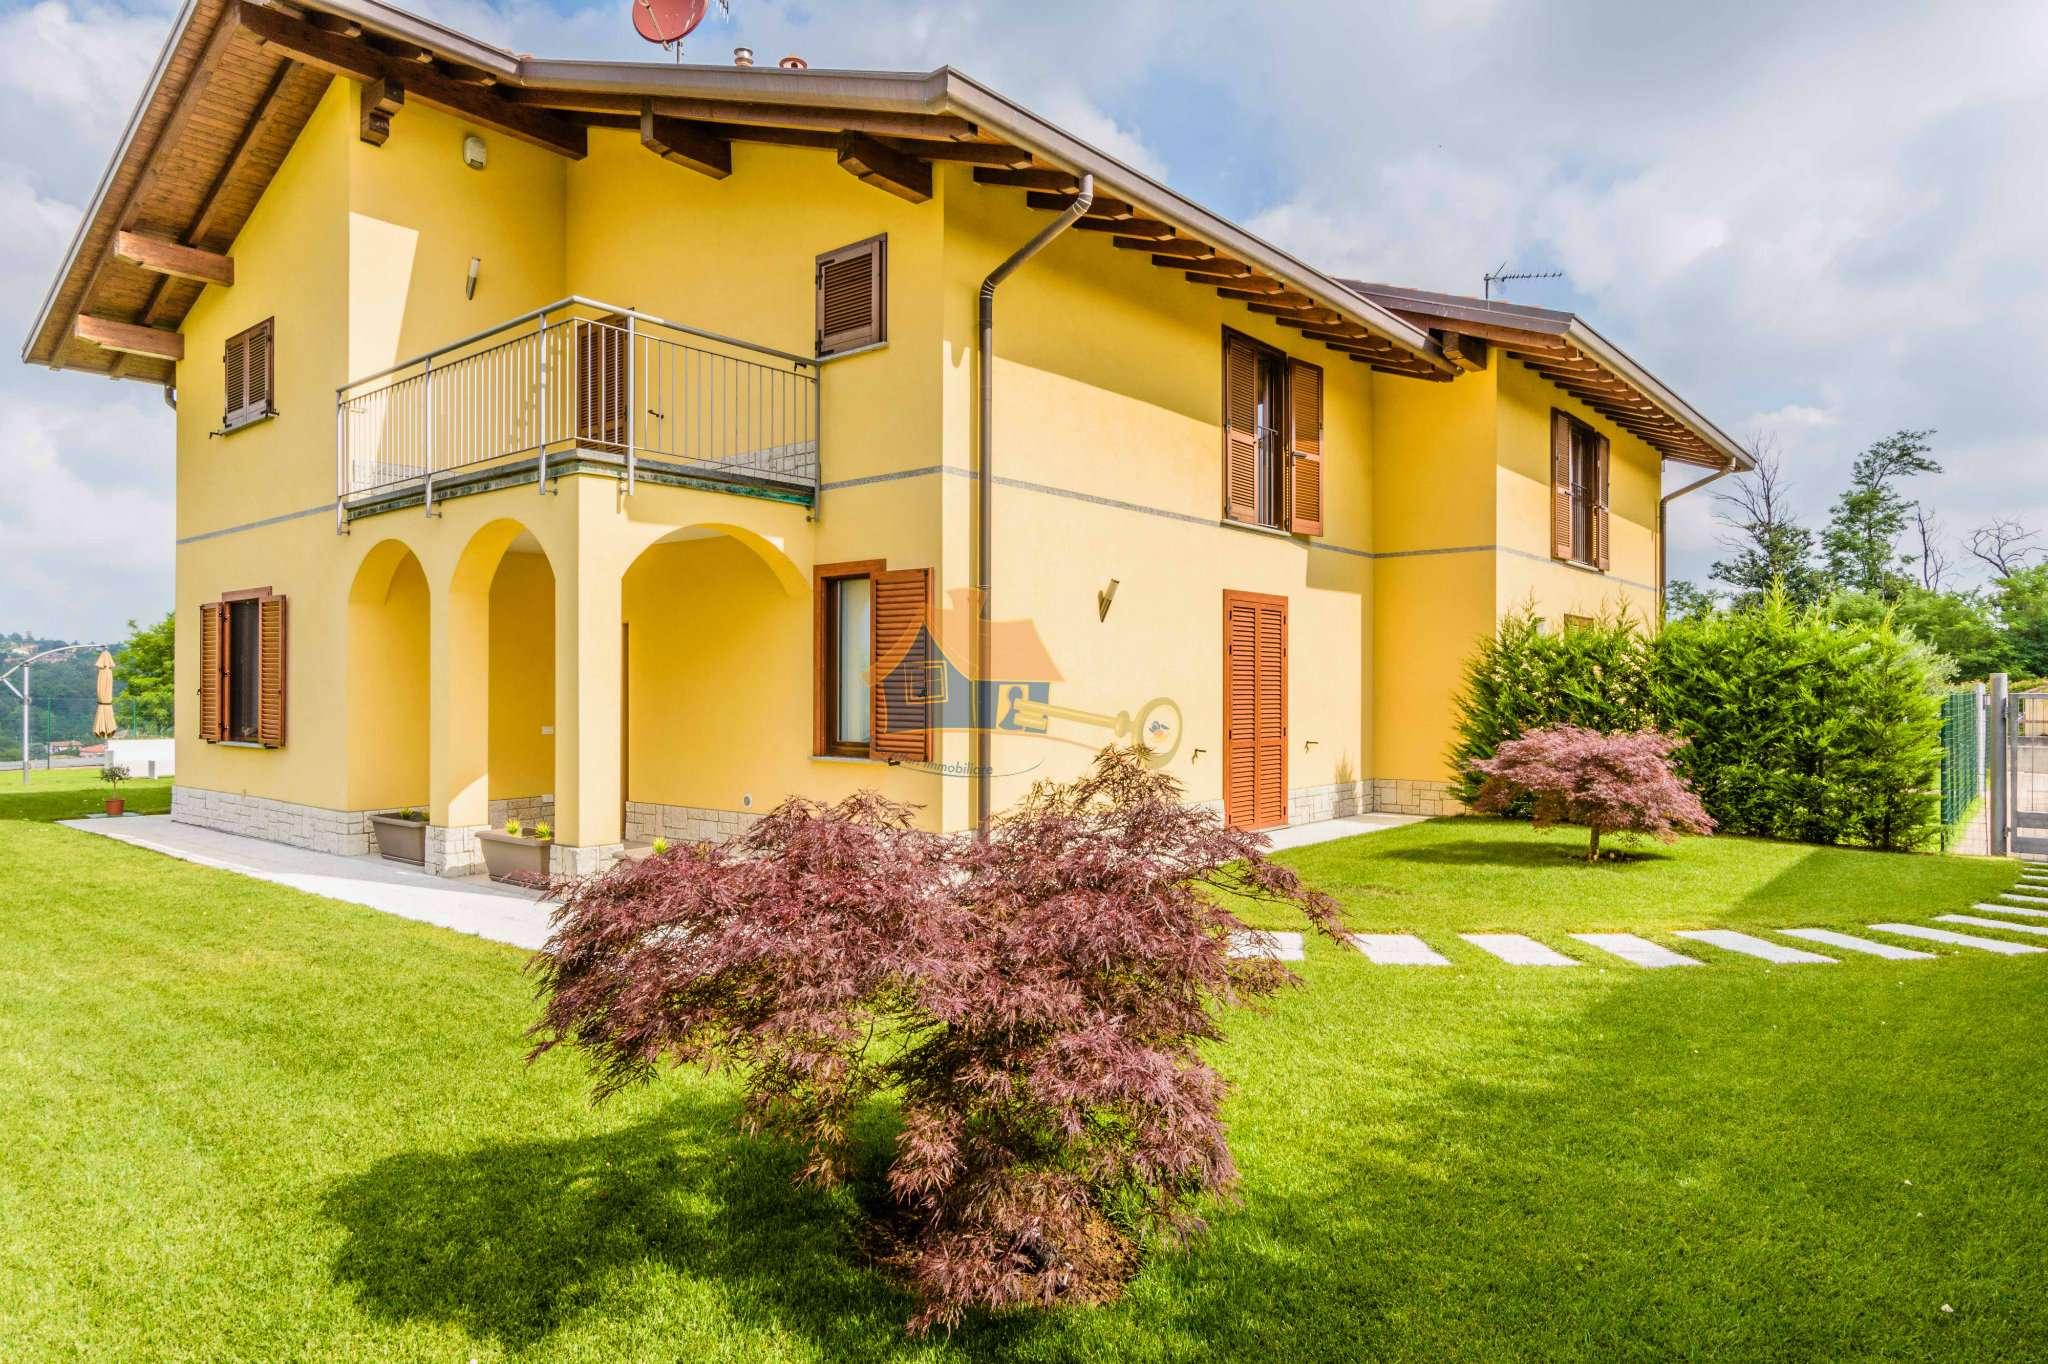 Soluzione Indipendente in vendita a Solbiate Arno, 4 locali, prezzo € 390.000 | CambioCasa.it